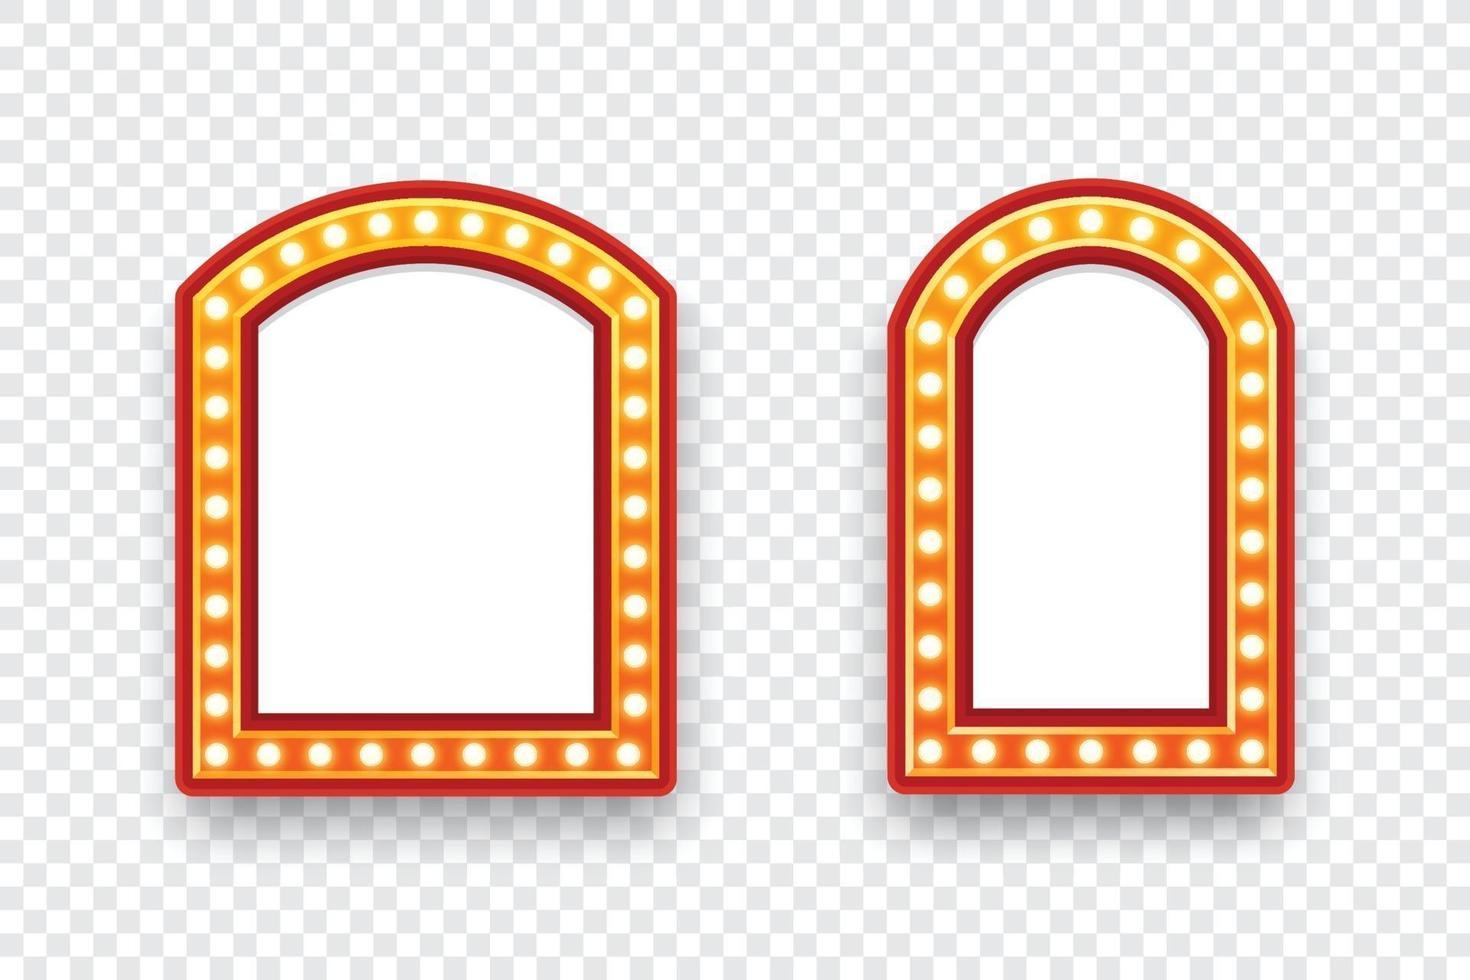 elektrische gloeilampen aanplakbord. set lege retro lichte frames voor tekst. vector illustratie